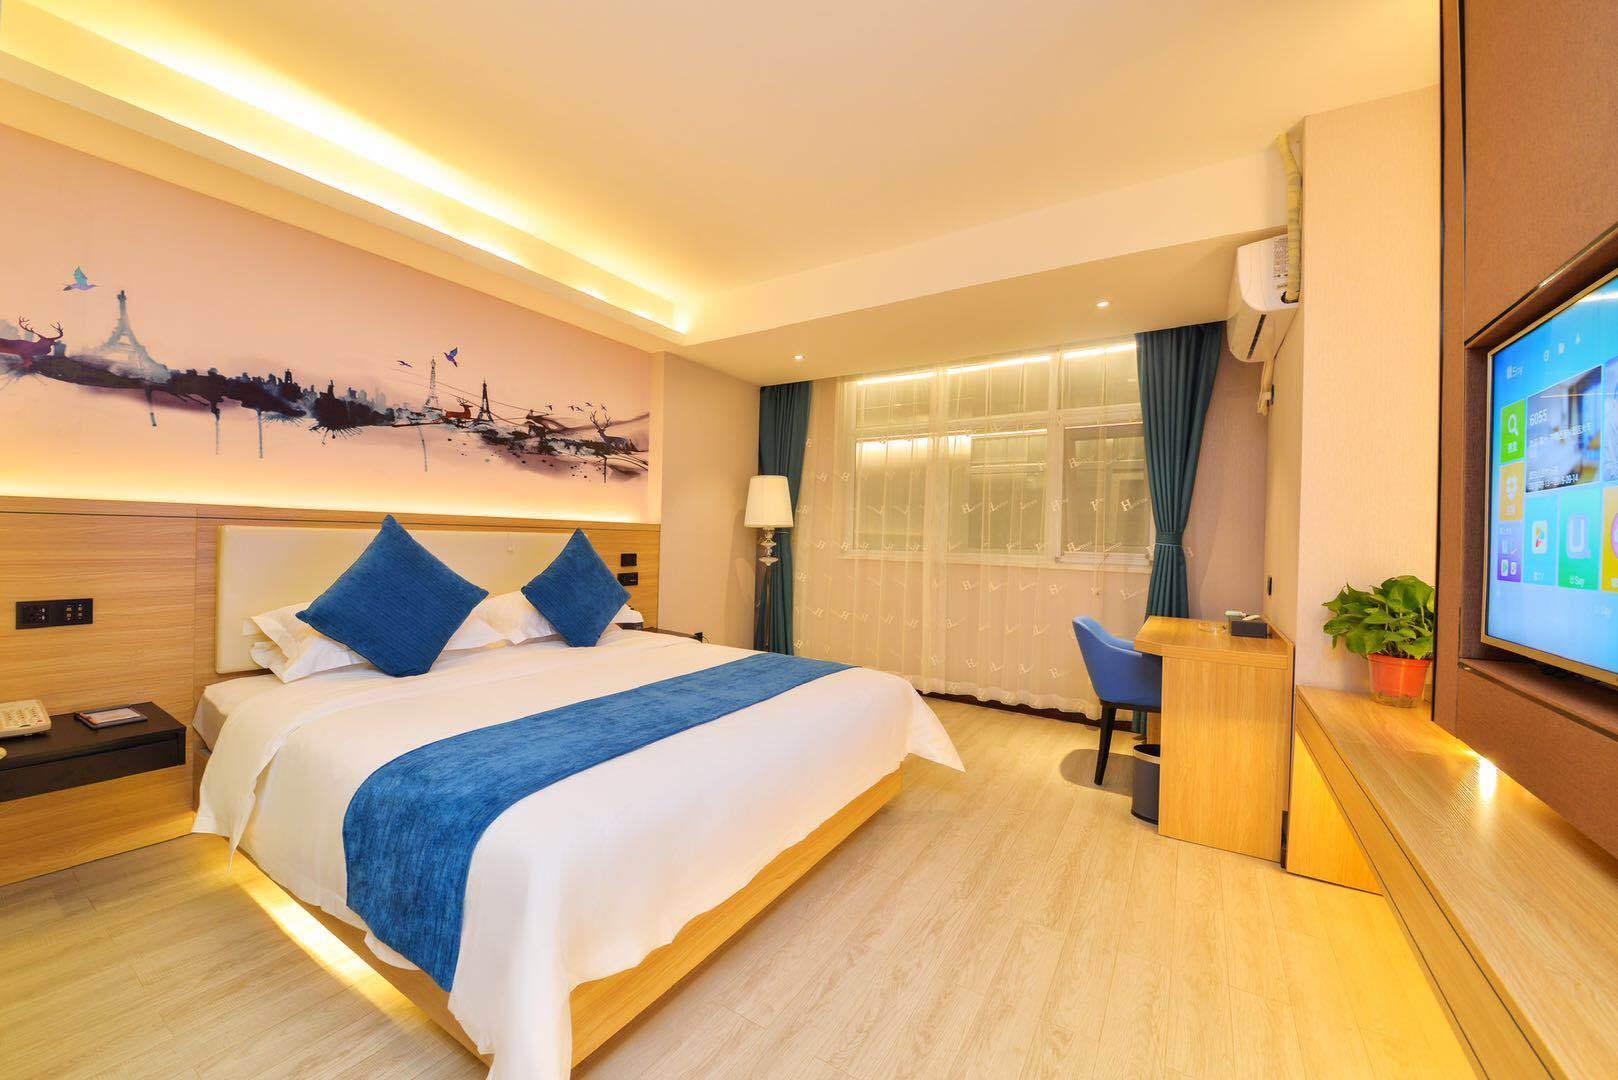 H酒店(西安火车站五路口地铁机场大巴店)内景智能舒适大床房(内窗